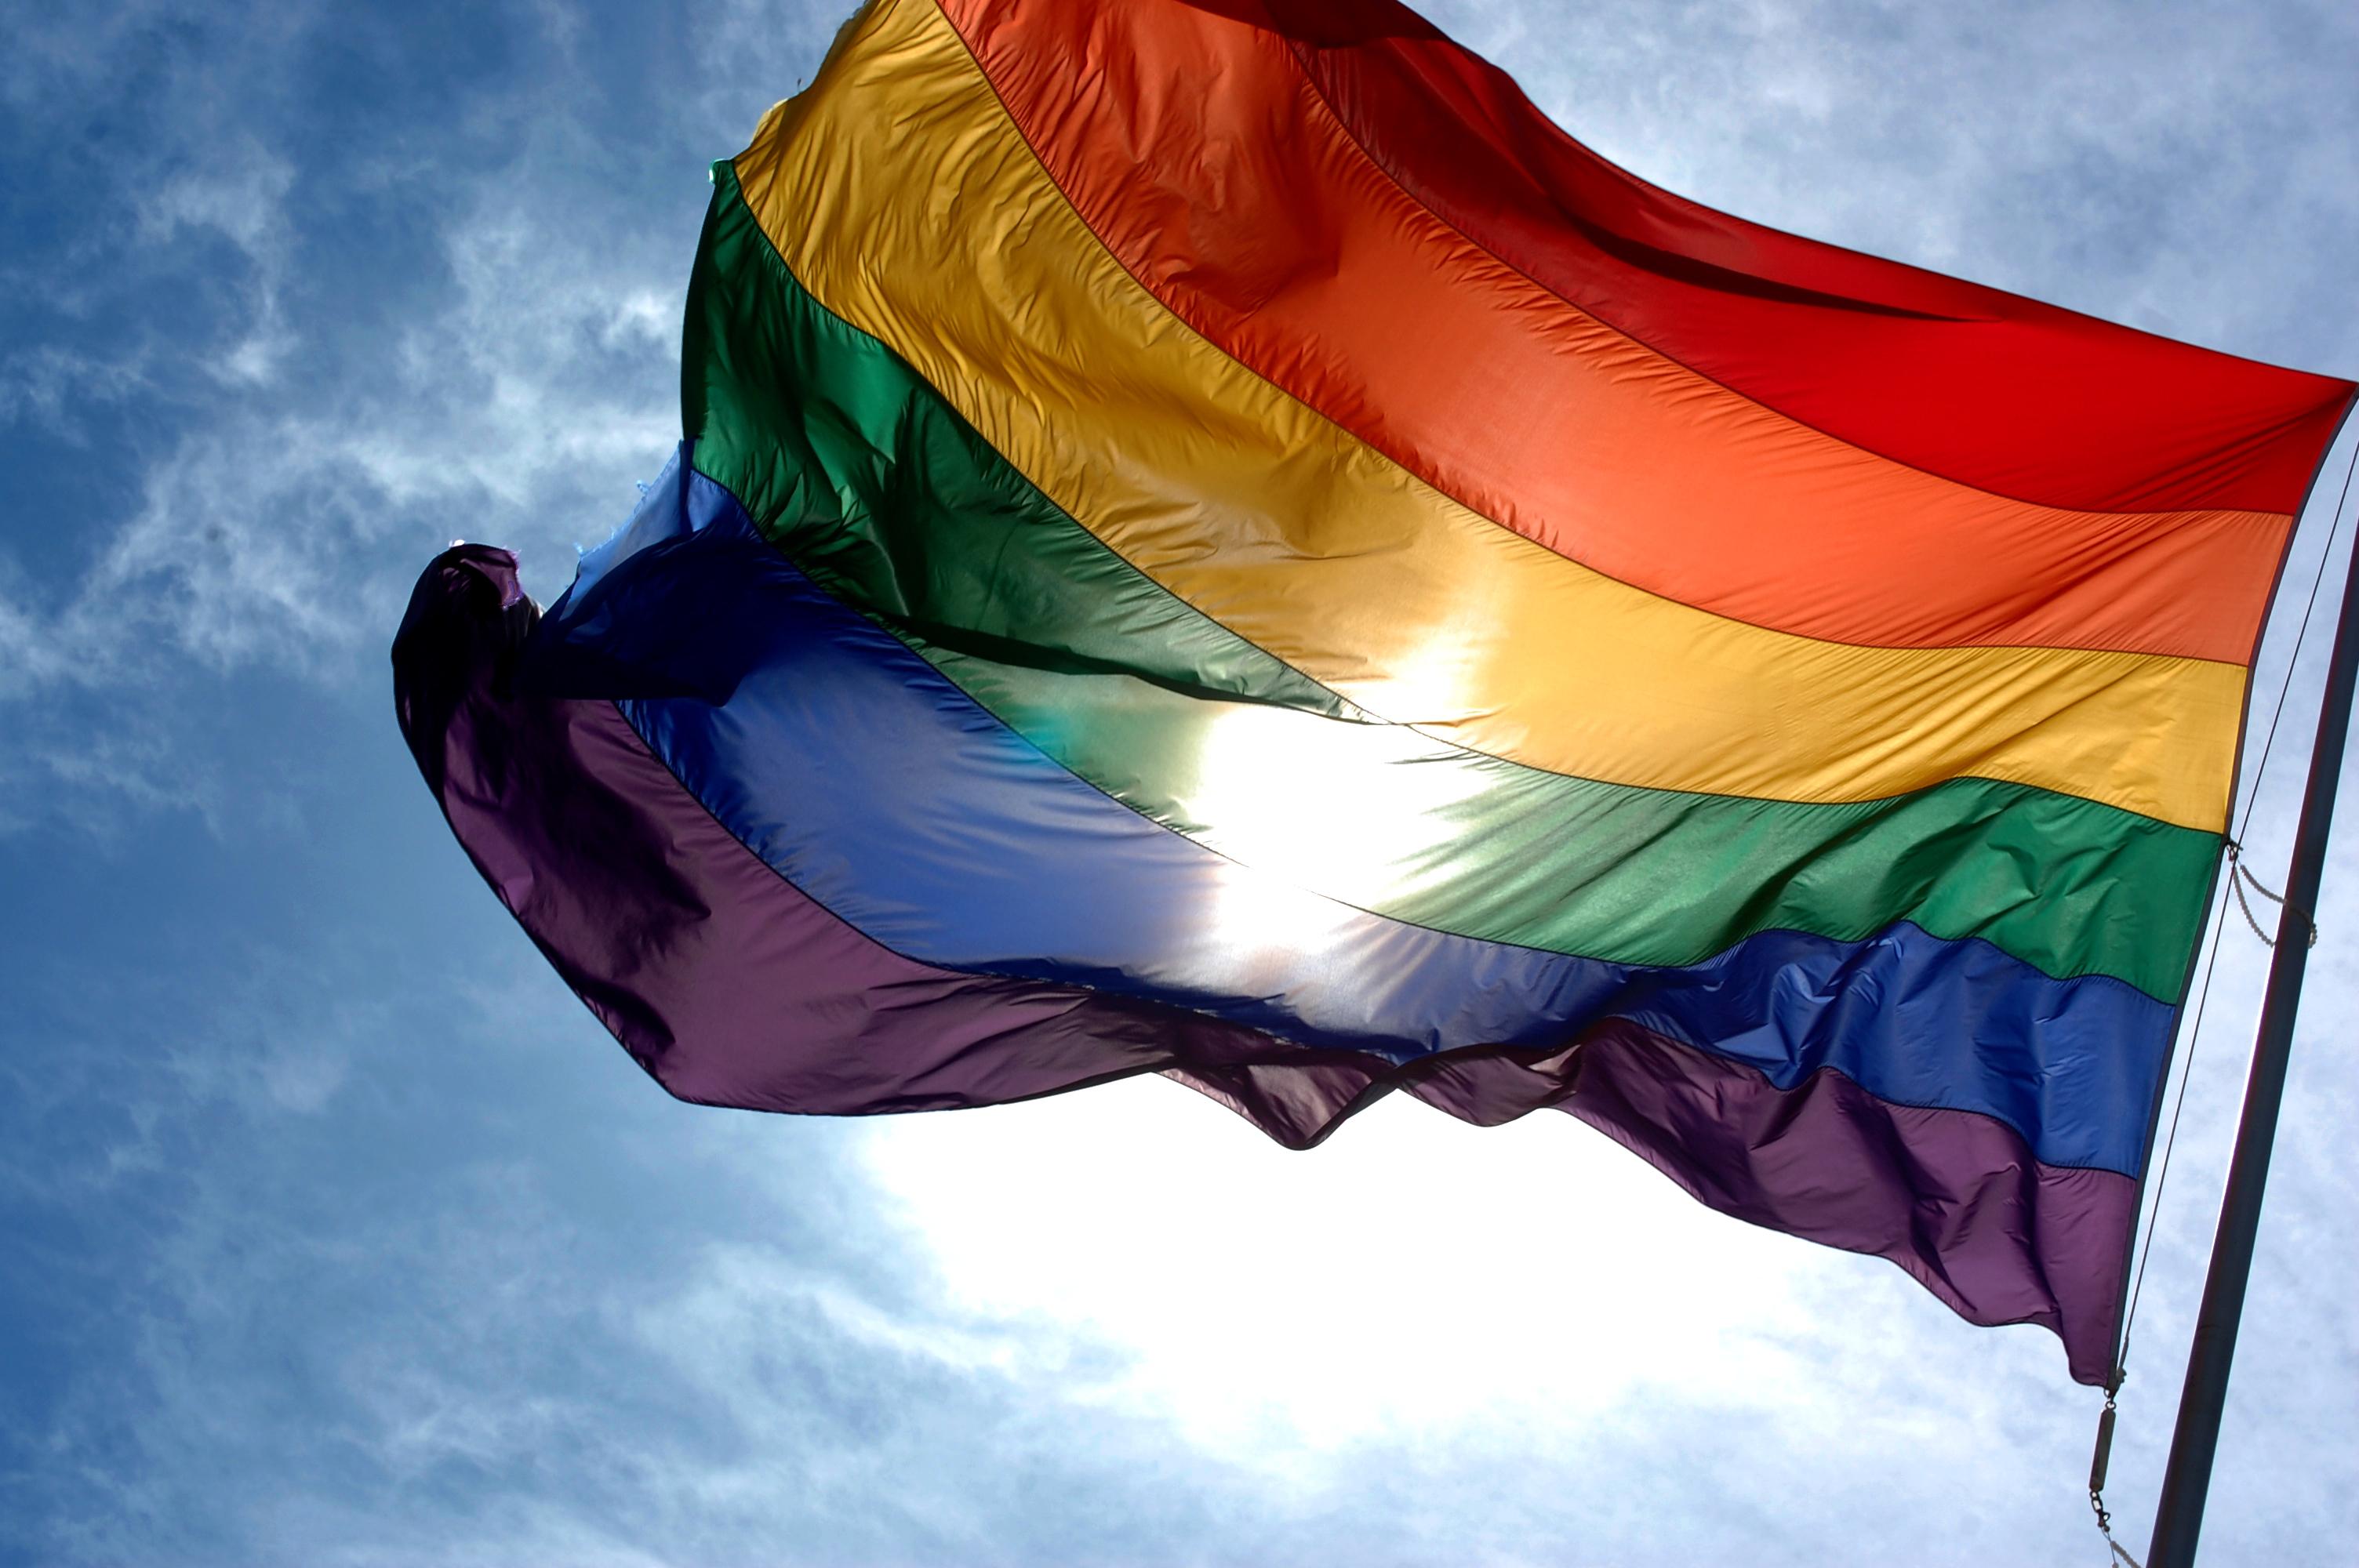 ¿Qué significan las siglas LGBTI+ y por qué el multicolor de la bandera los identifica? | EL FRENTE